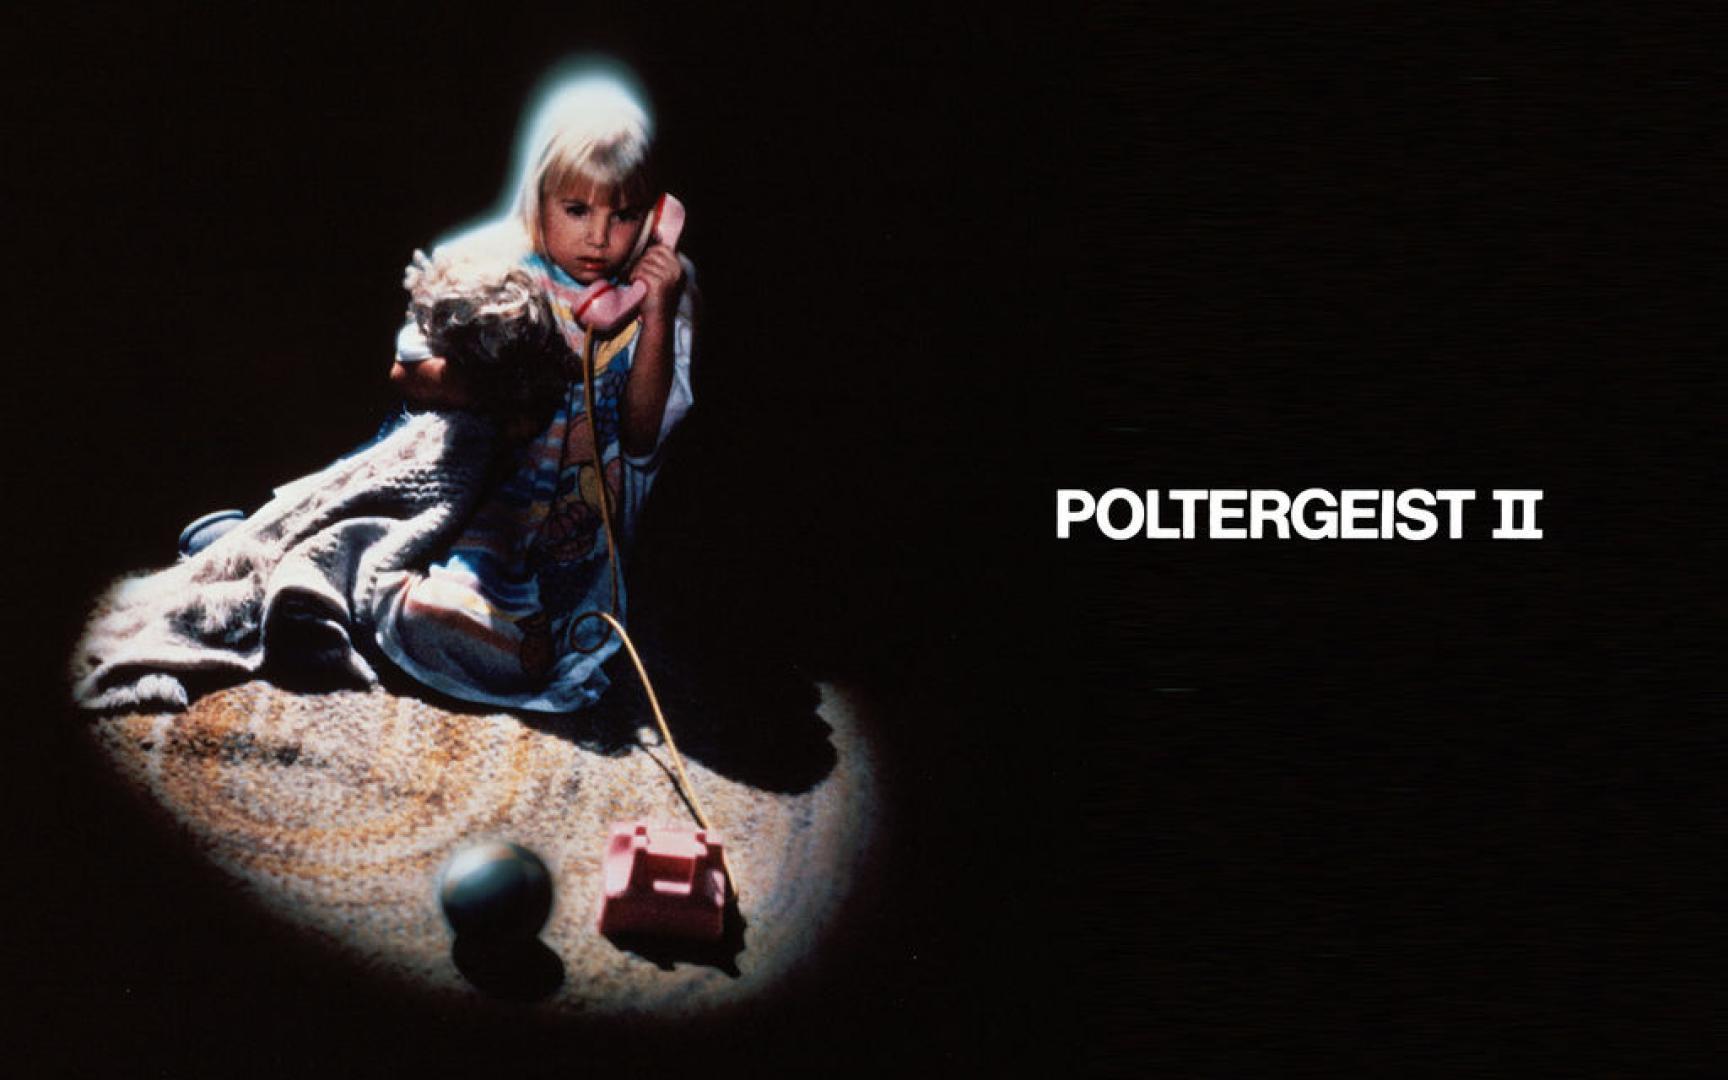 Poltergeist II: The Other Side / Kopogó szellem 2. - A túlsó oldal (1986)